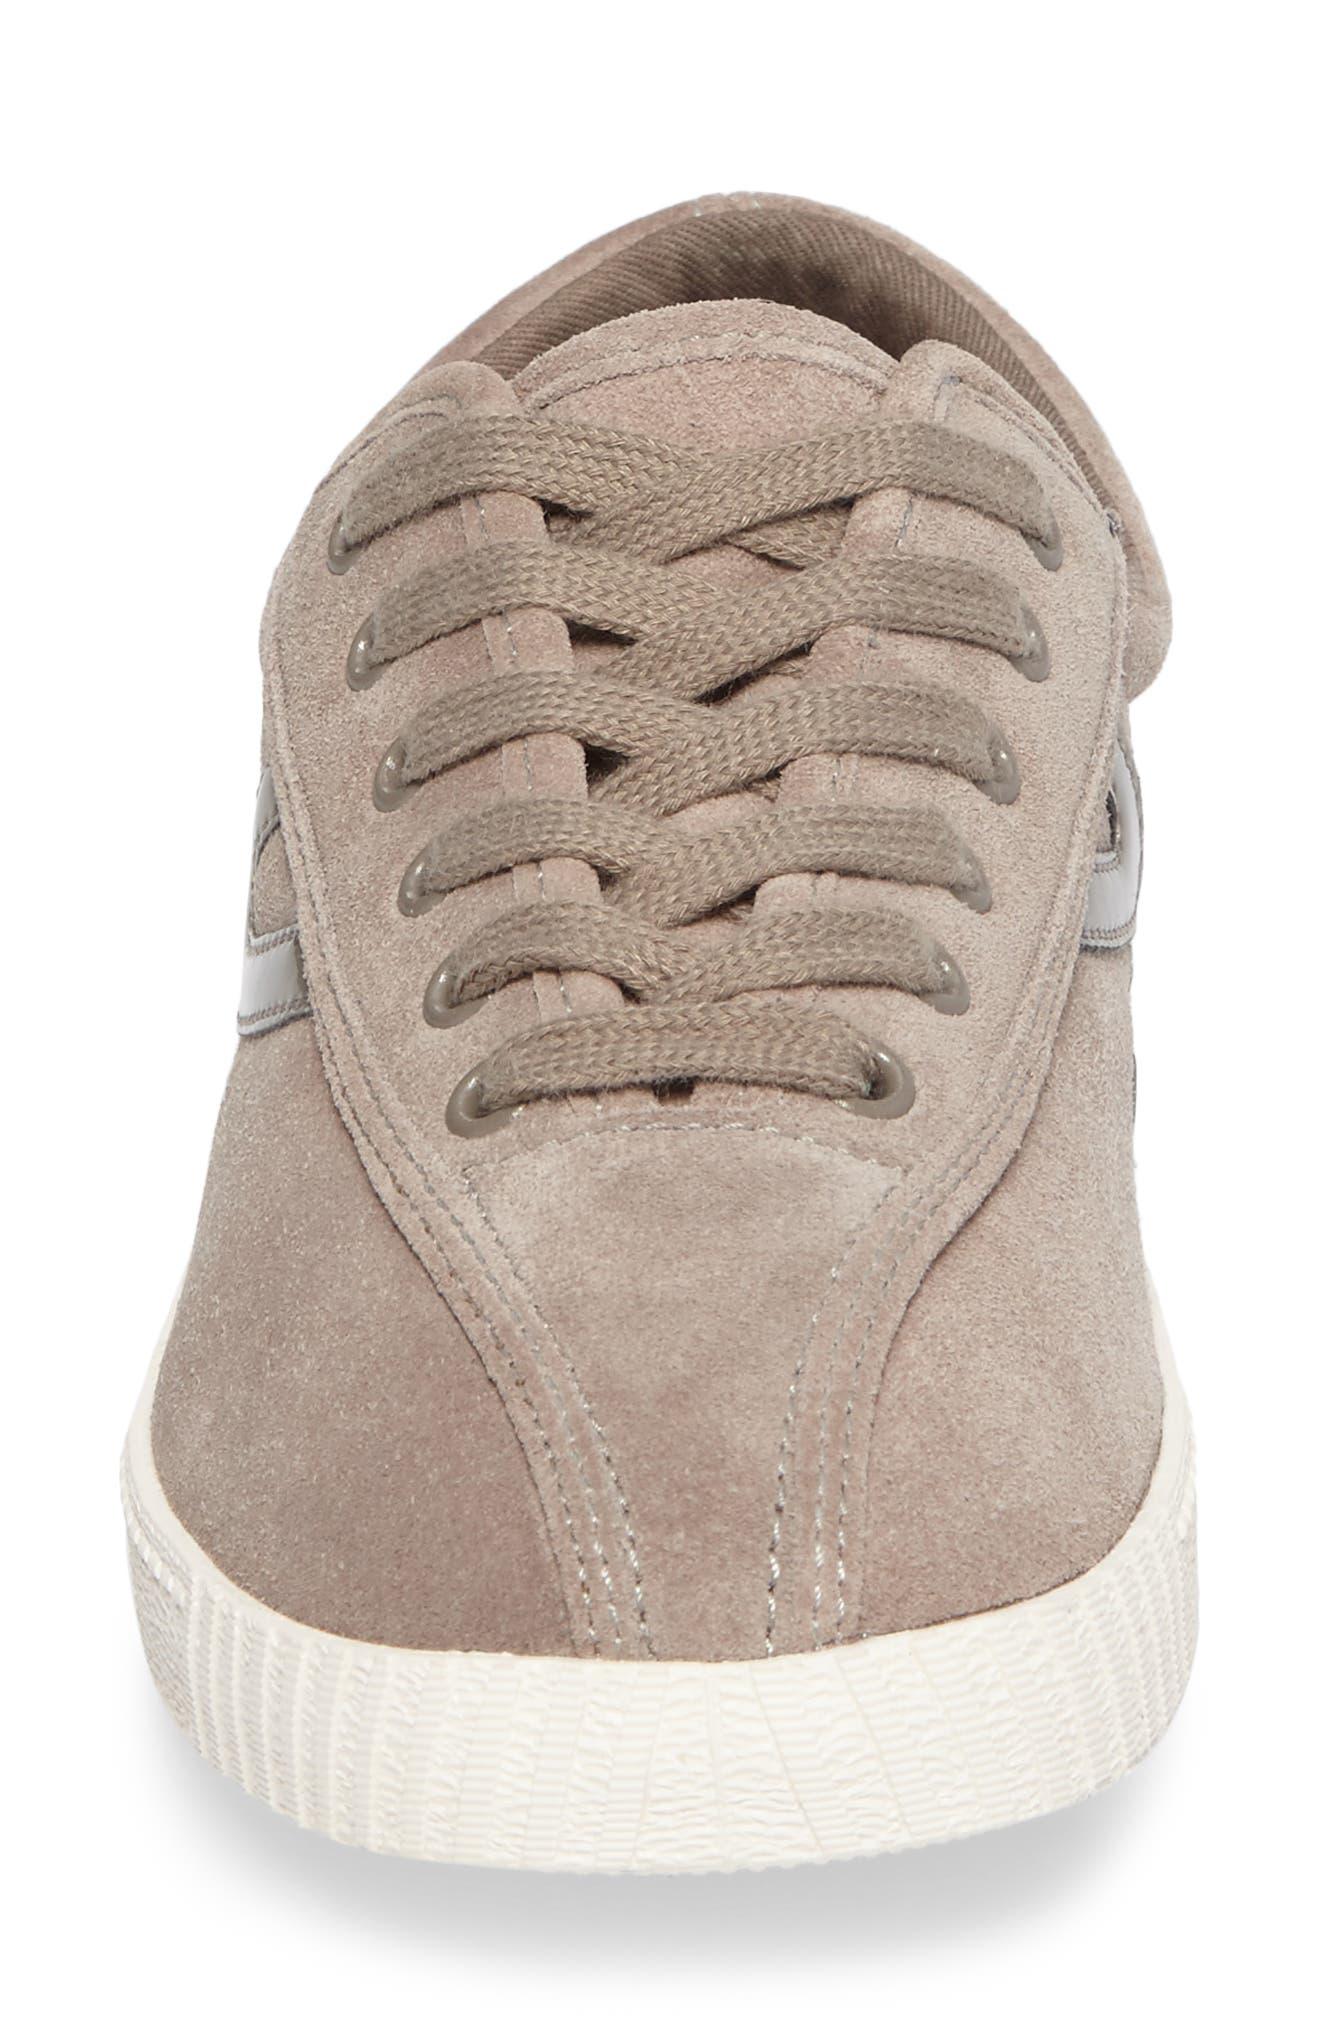 'Nylite2 Plus' Sneaker,                             Alternate thumbnail 6, color,                             Mushroom/ Mushroom